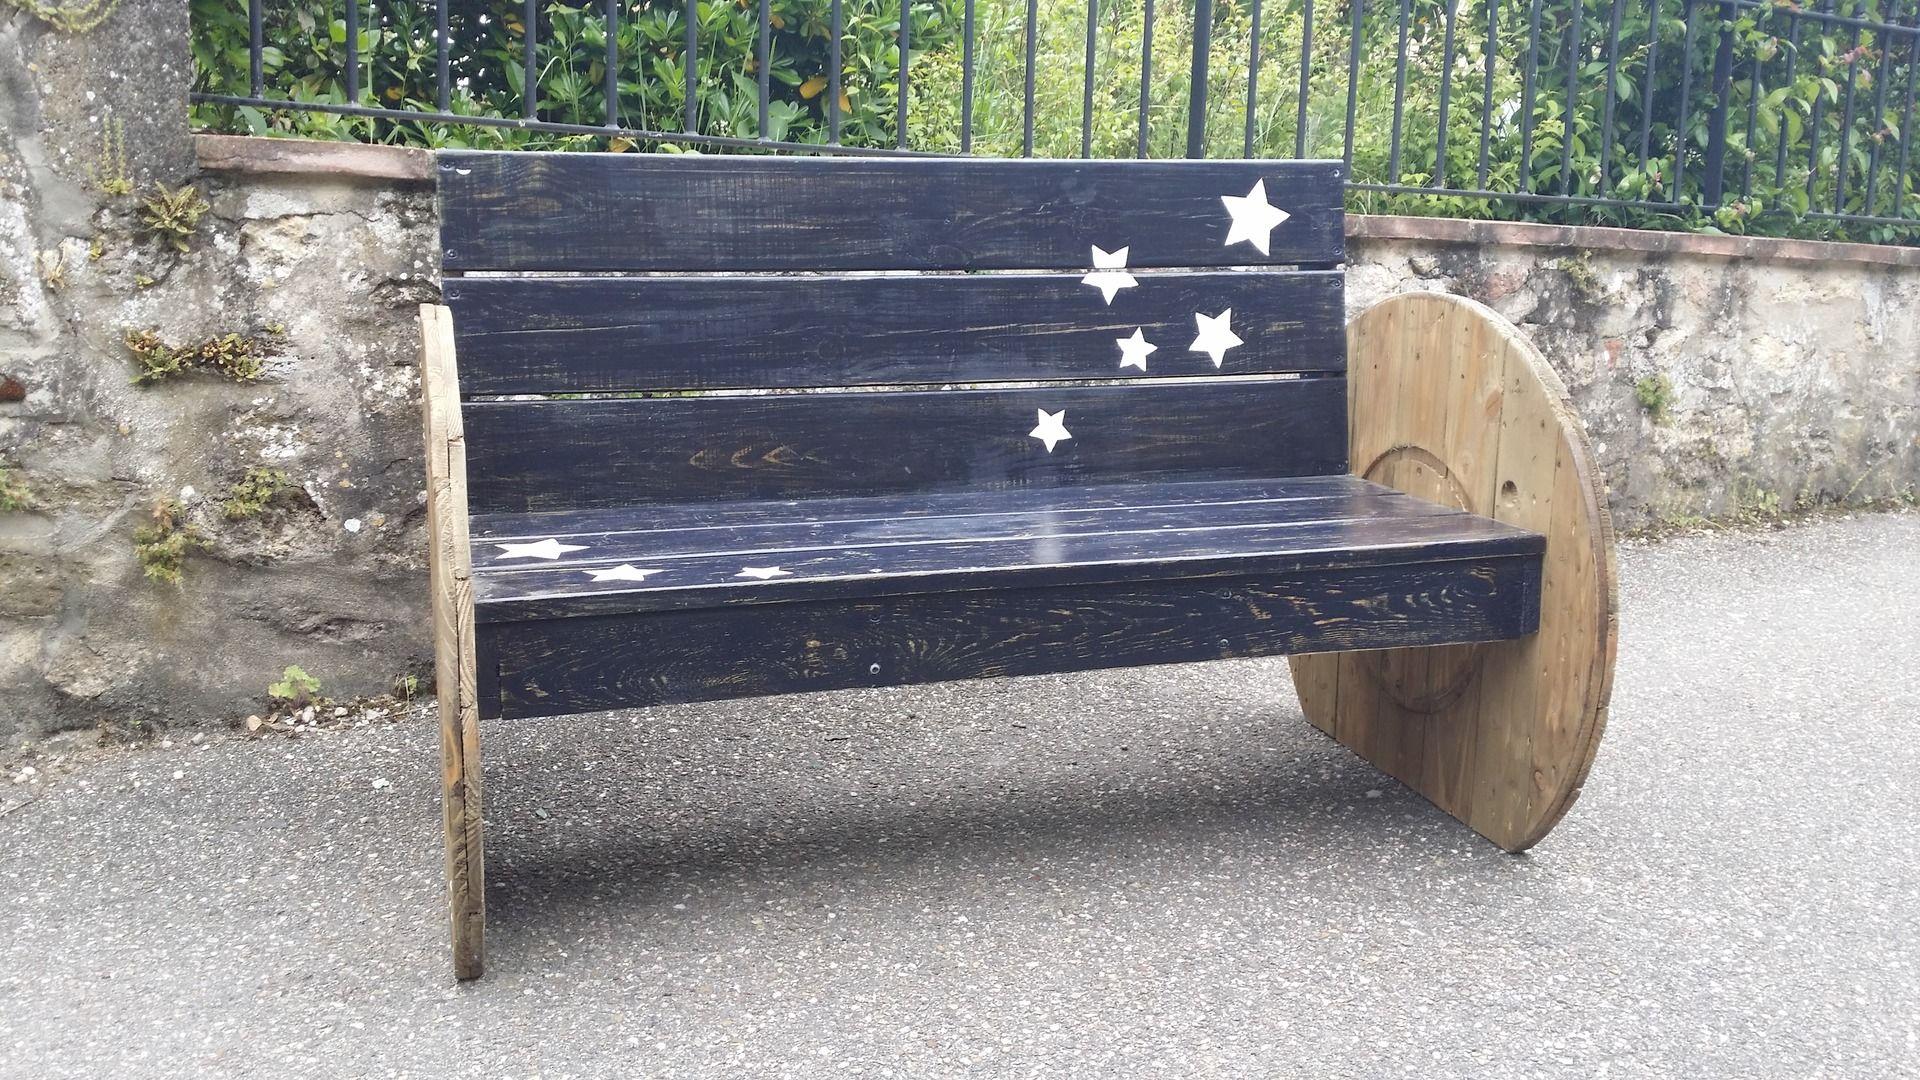 Canape de jardin touret recup meubles et rangements par lafabrique33 deco palettes bois for Canape palette recup